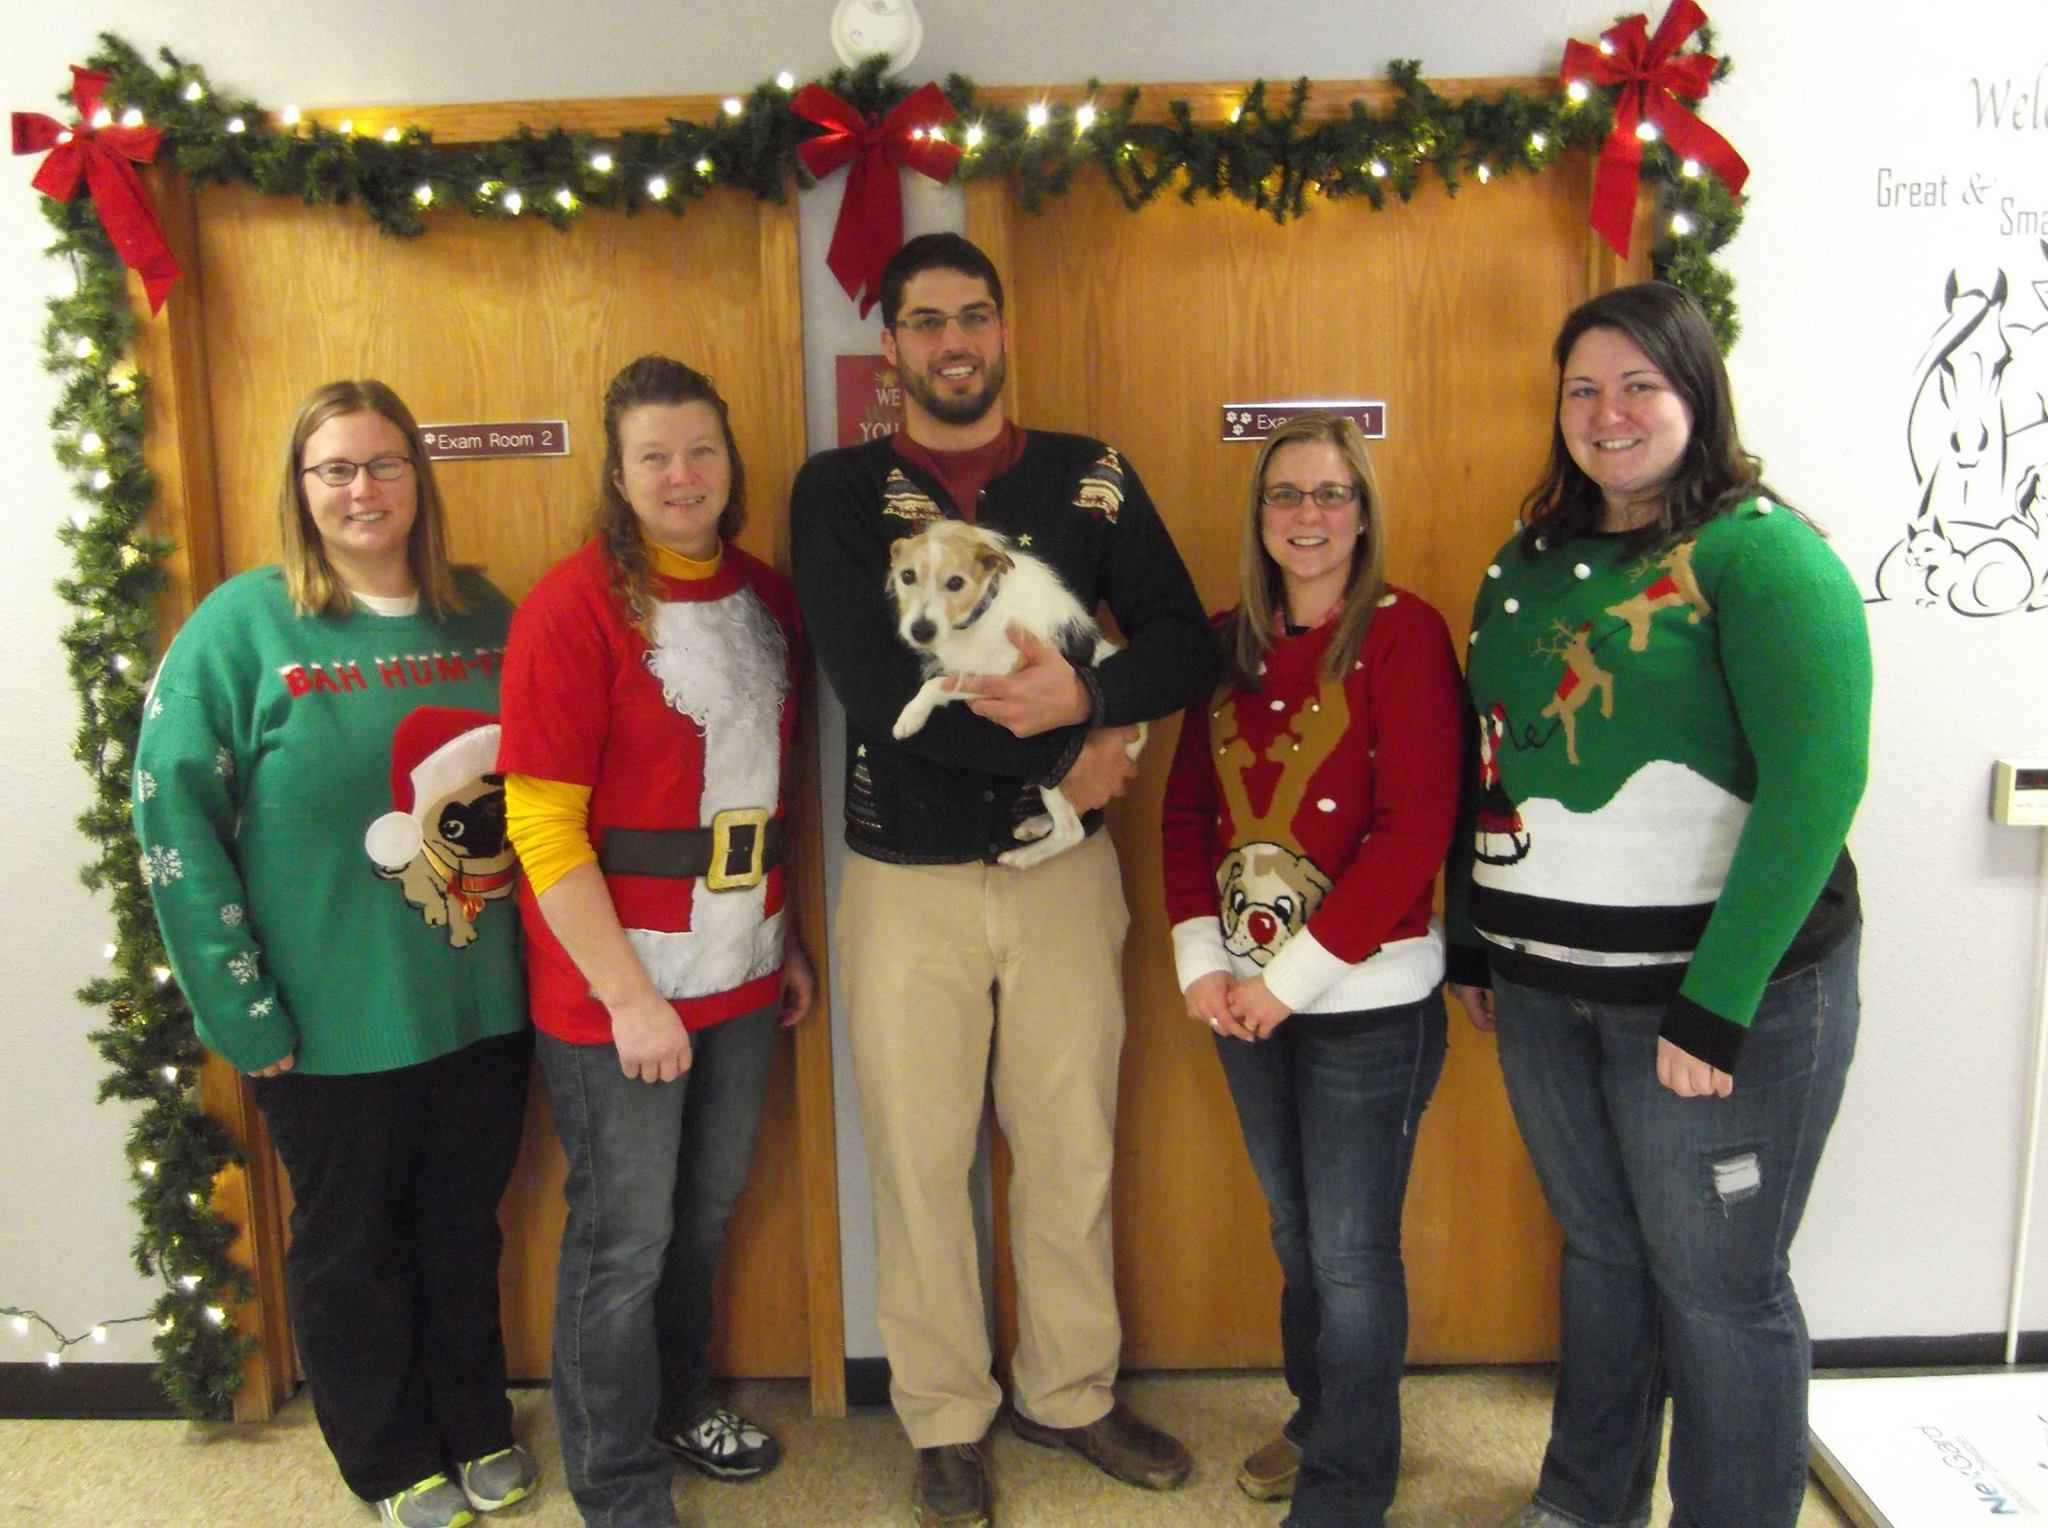 Garver's Animal Health Center image 55